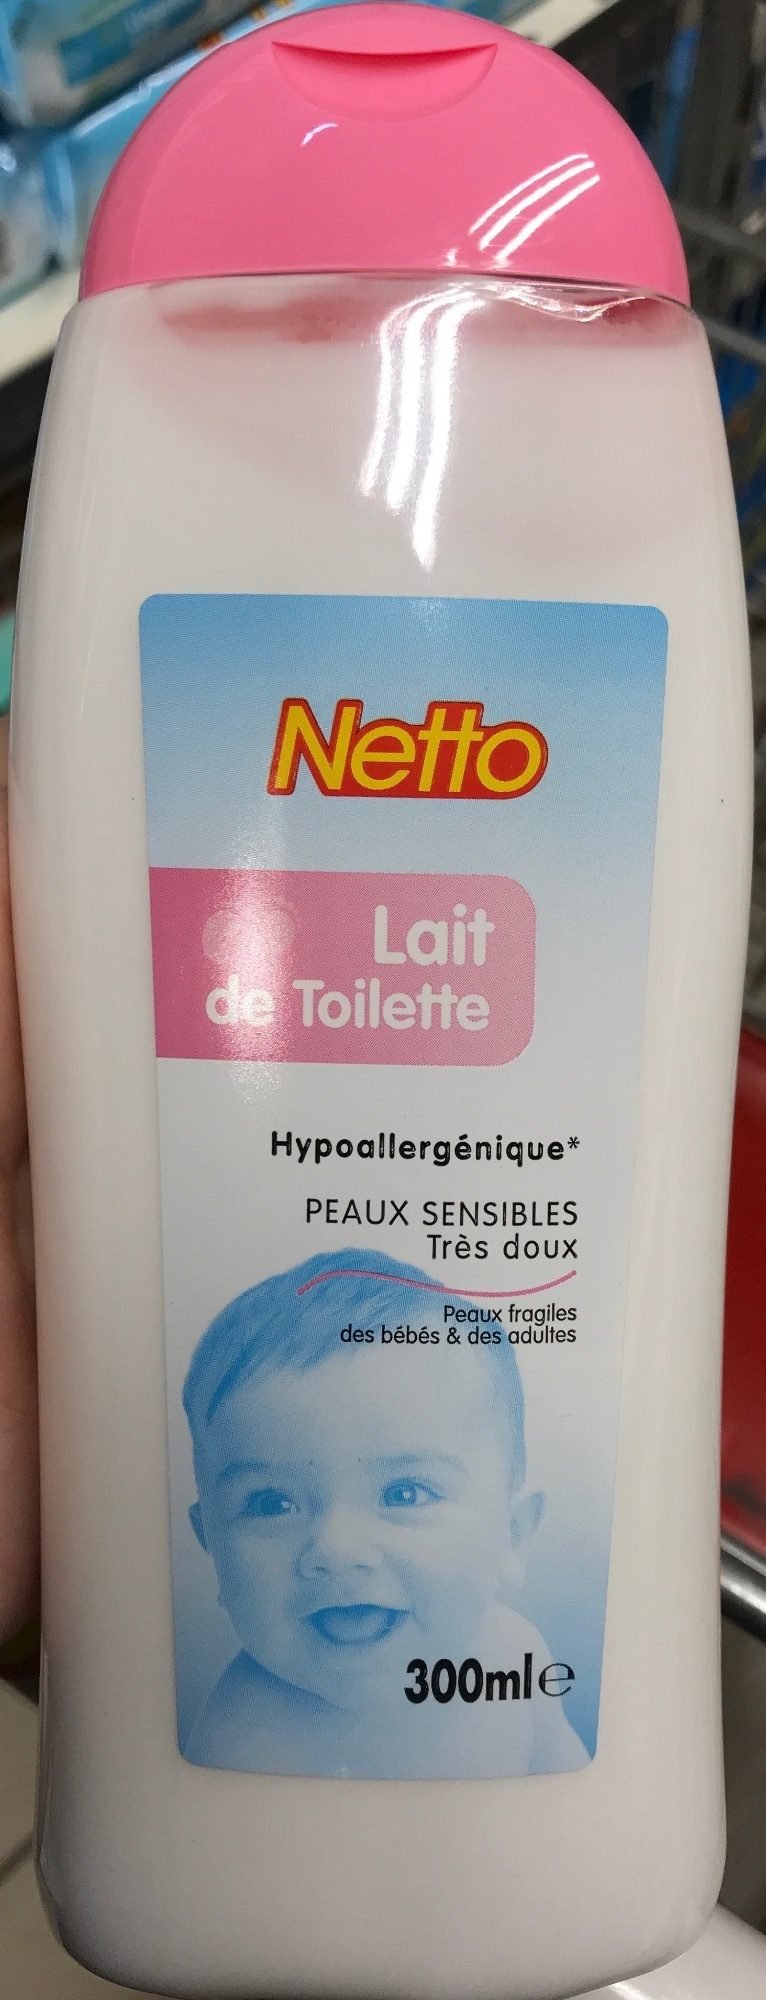 Lait de toilette - Product - fr